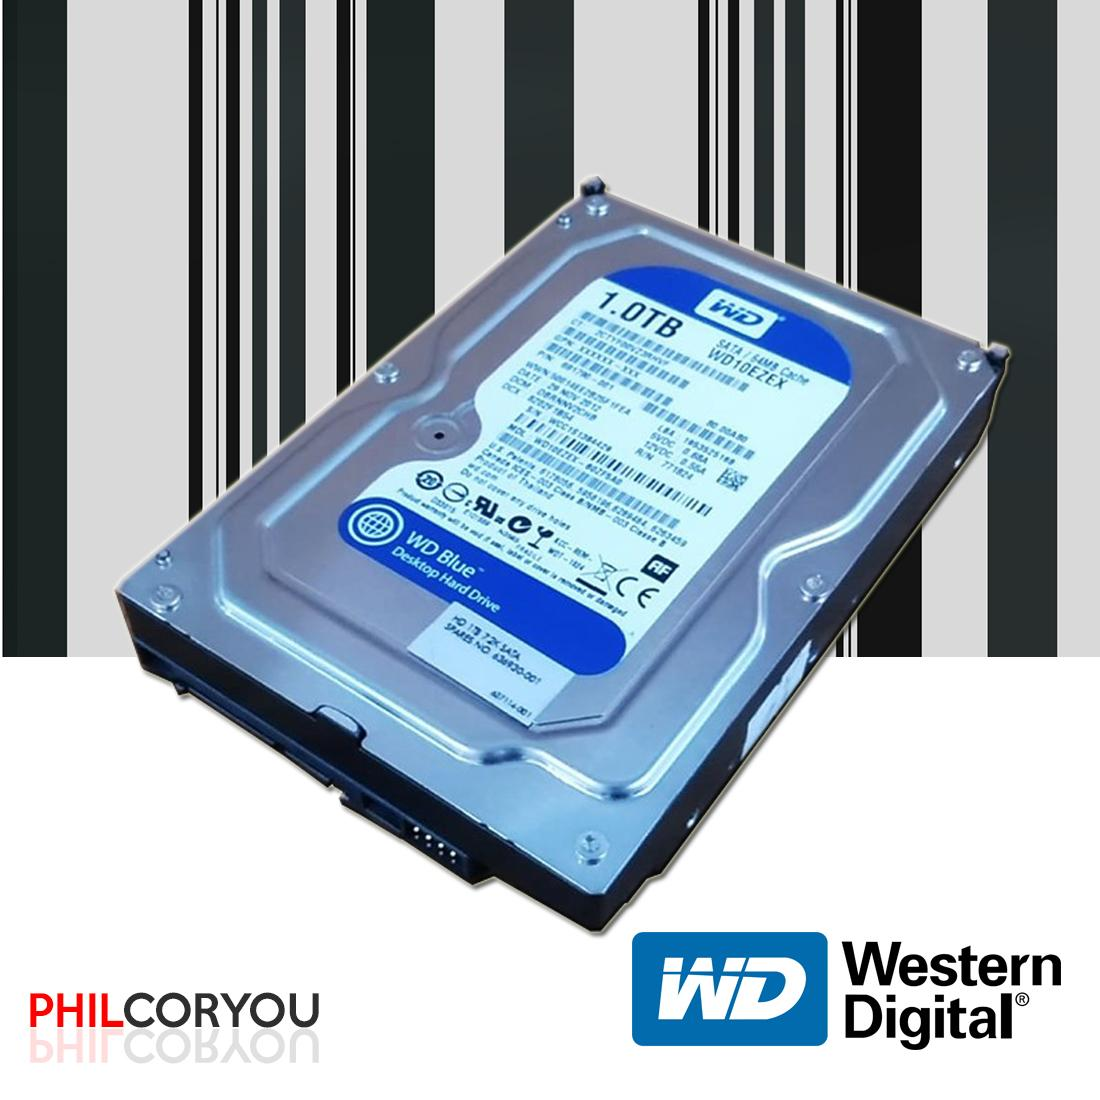 [HDD]Western Digital Blue 1TB SATA DESKTOP HDD 100% HEALTH